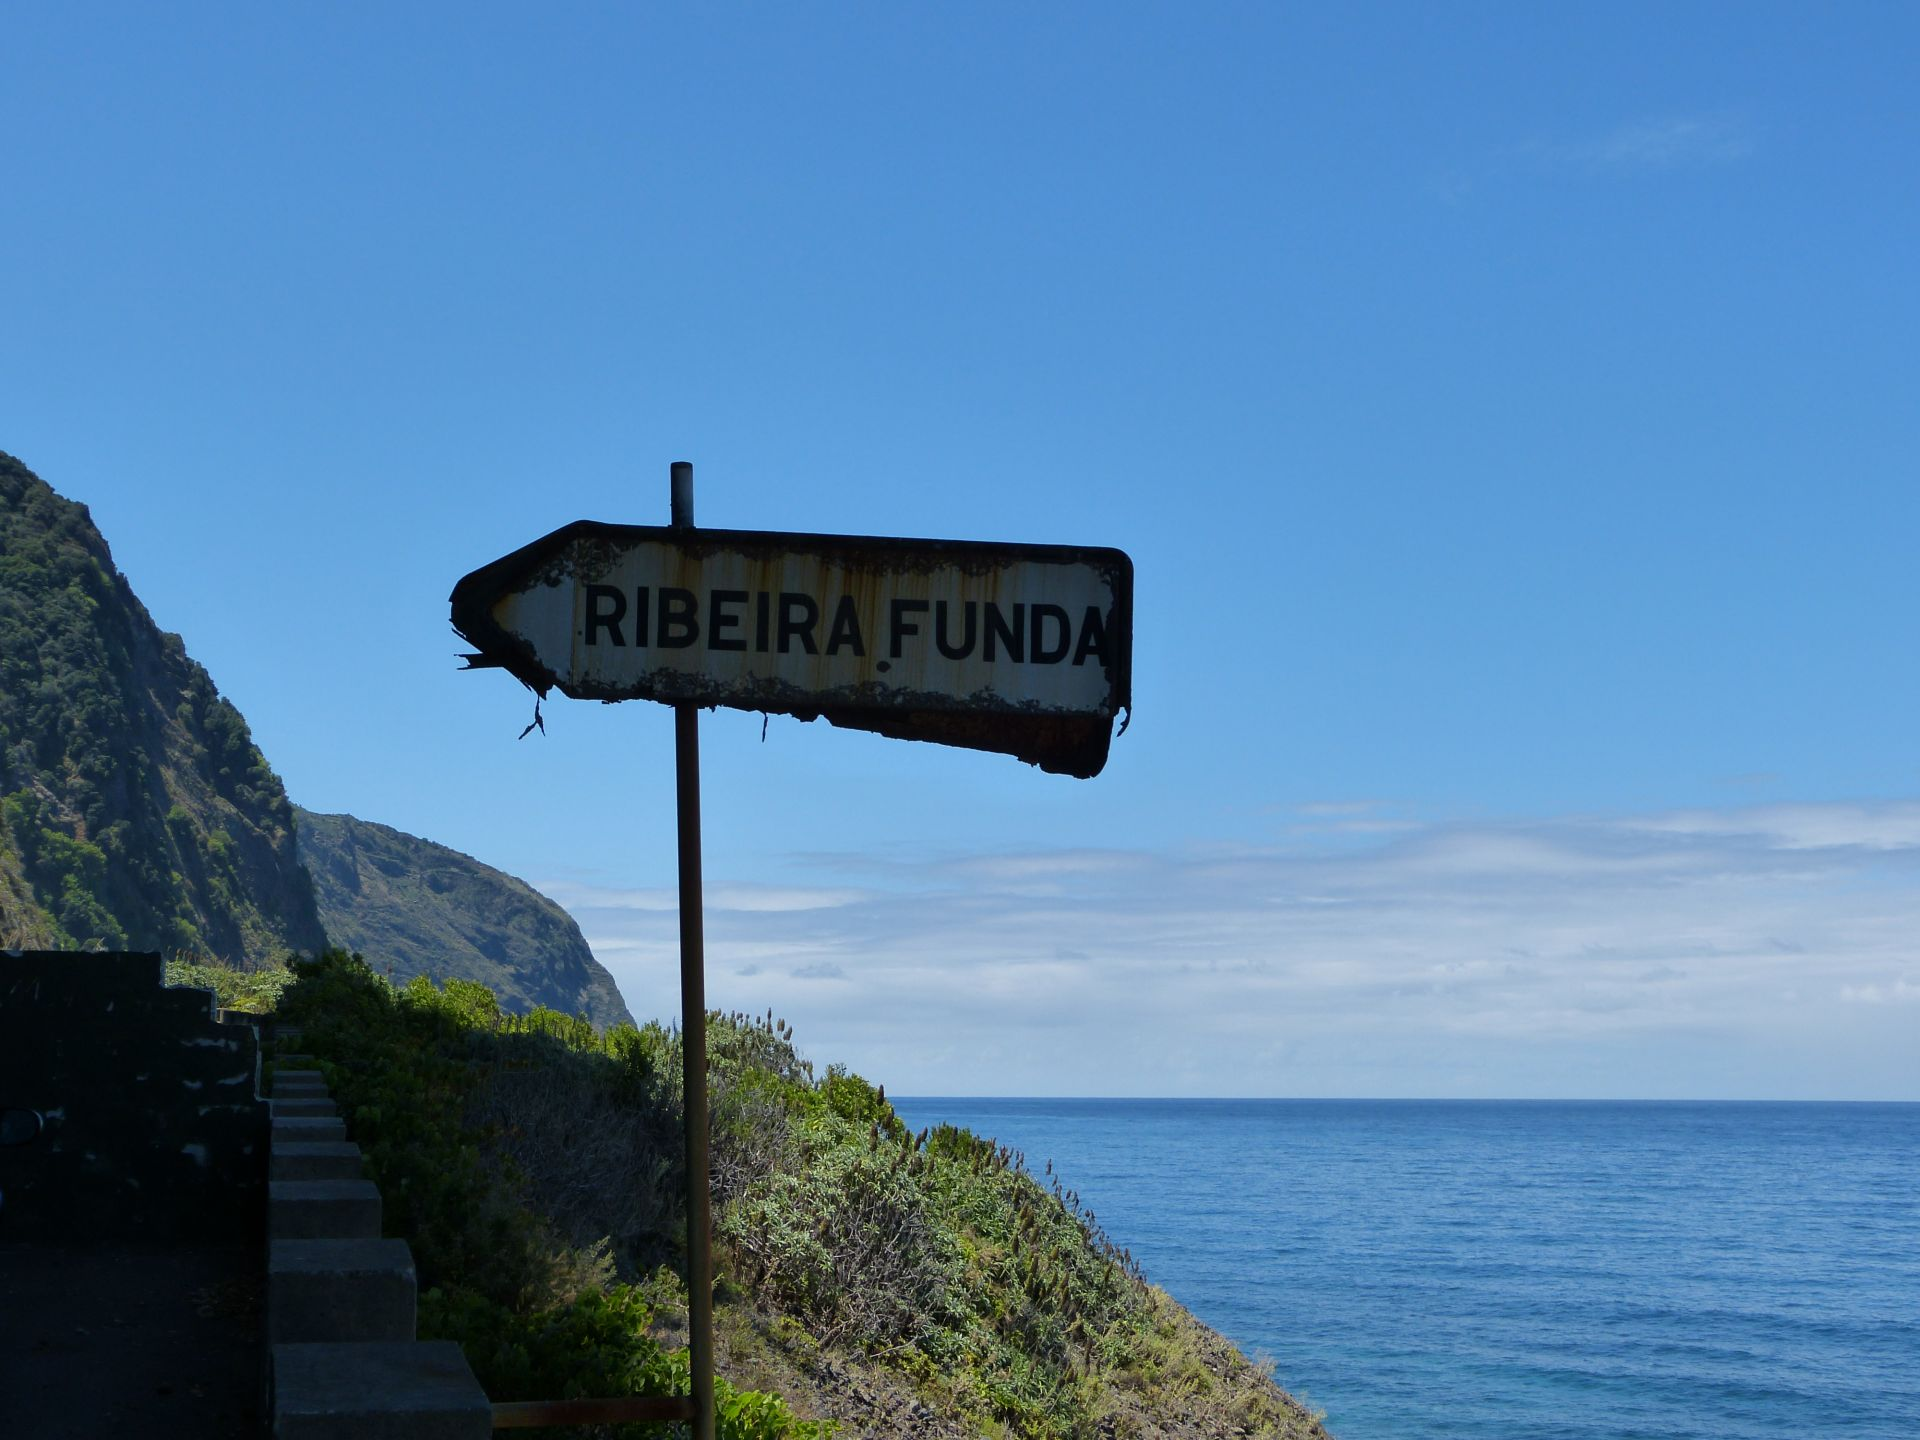 Letzte Ausfahrt Ribeira Funda